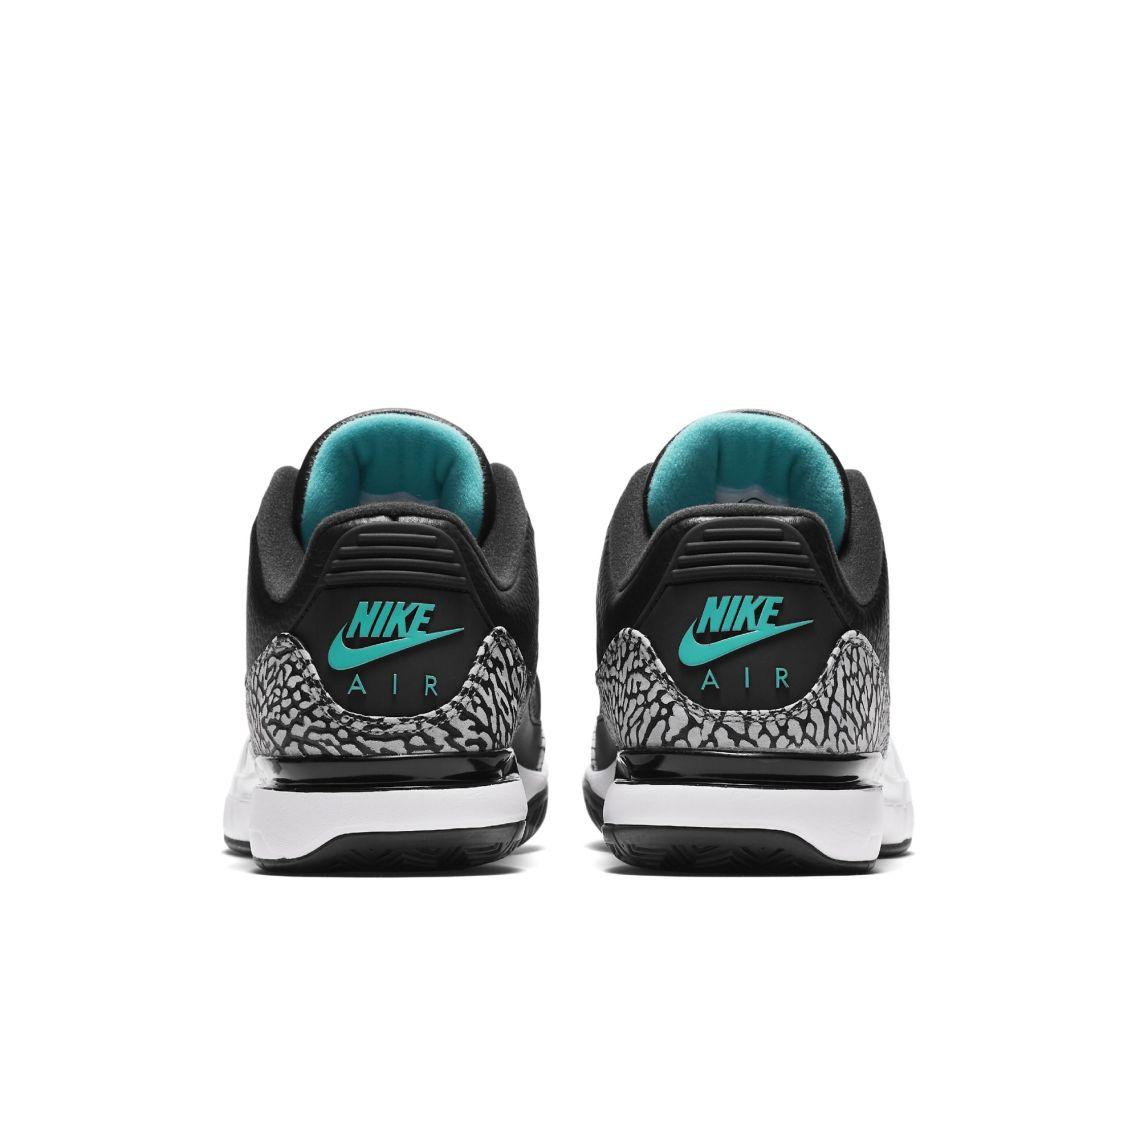 Nike Zoom Vapor Tour AJ3